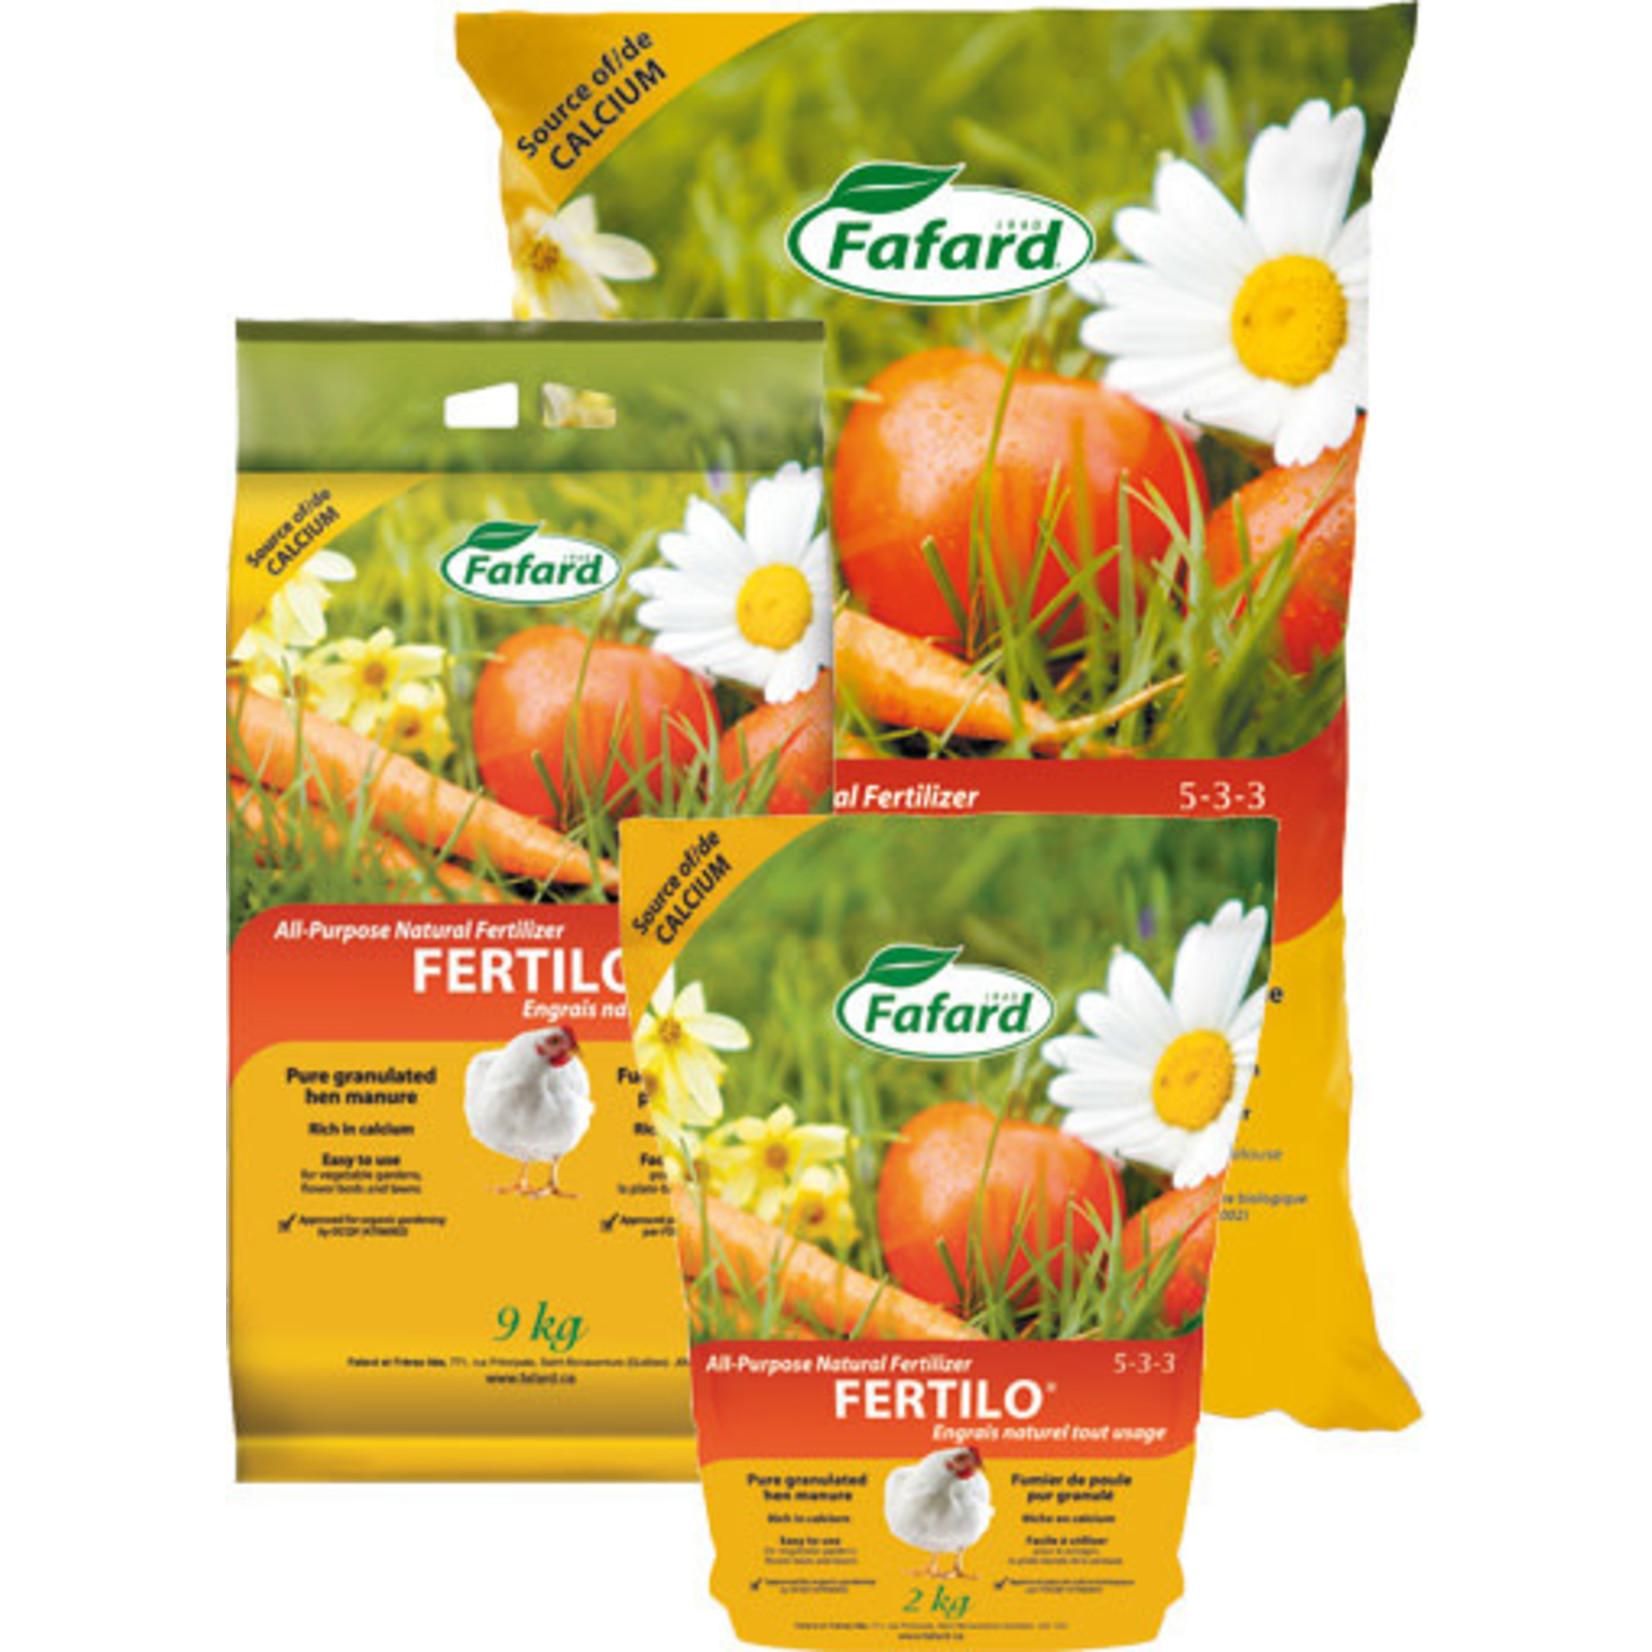 Fafard Natural Fertilizer Fertilo All Purpose (5-3-3) 9 KG